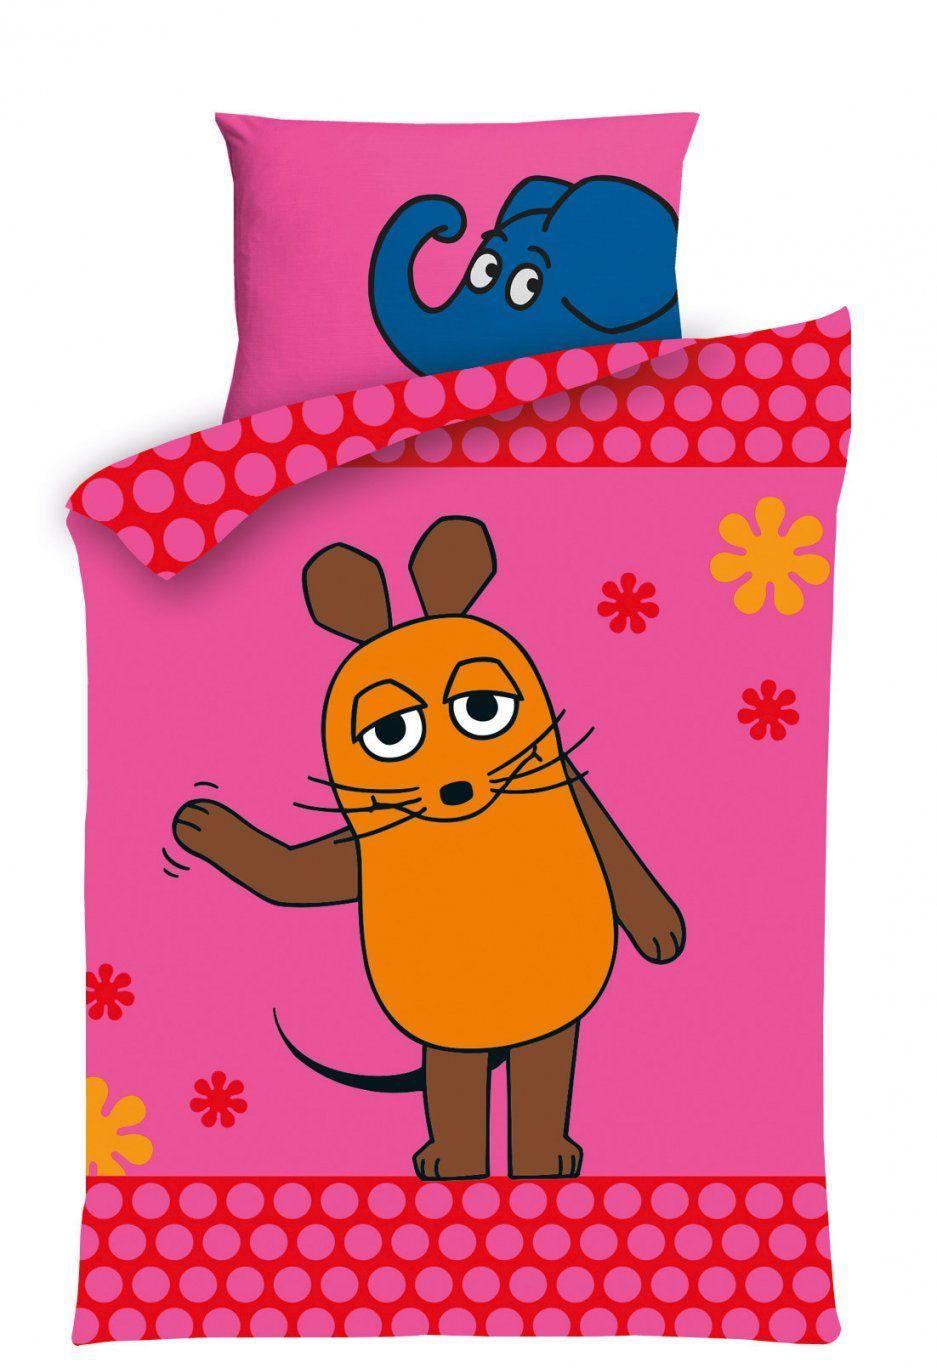 Kinderbettwäsche Pink Sendung Mit Der Maus – Babybettwäsche Wdrshop von Sendung Mit Der Maus Bettwäsche Photo